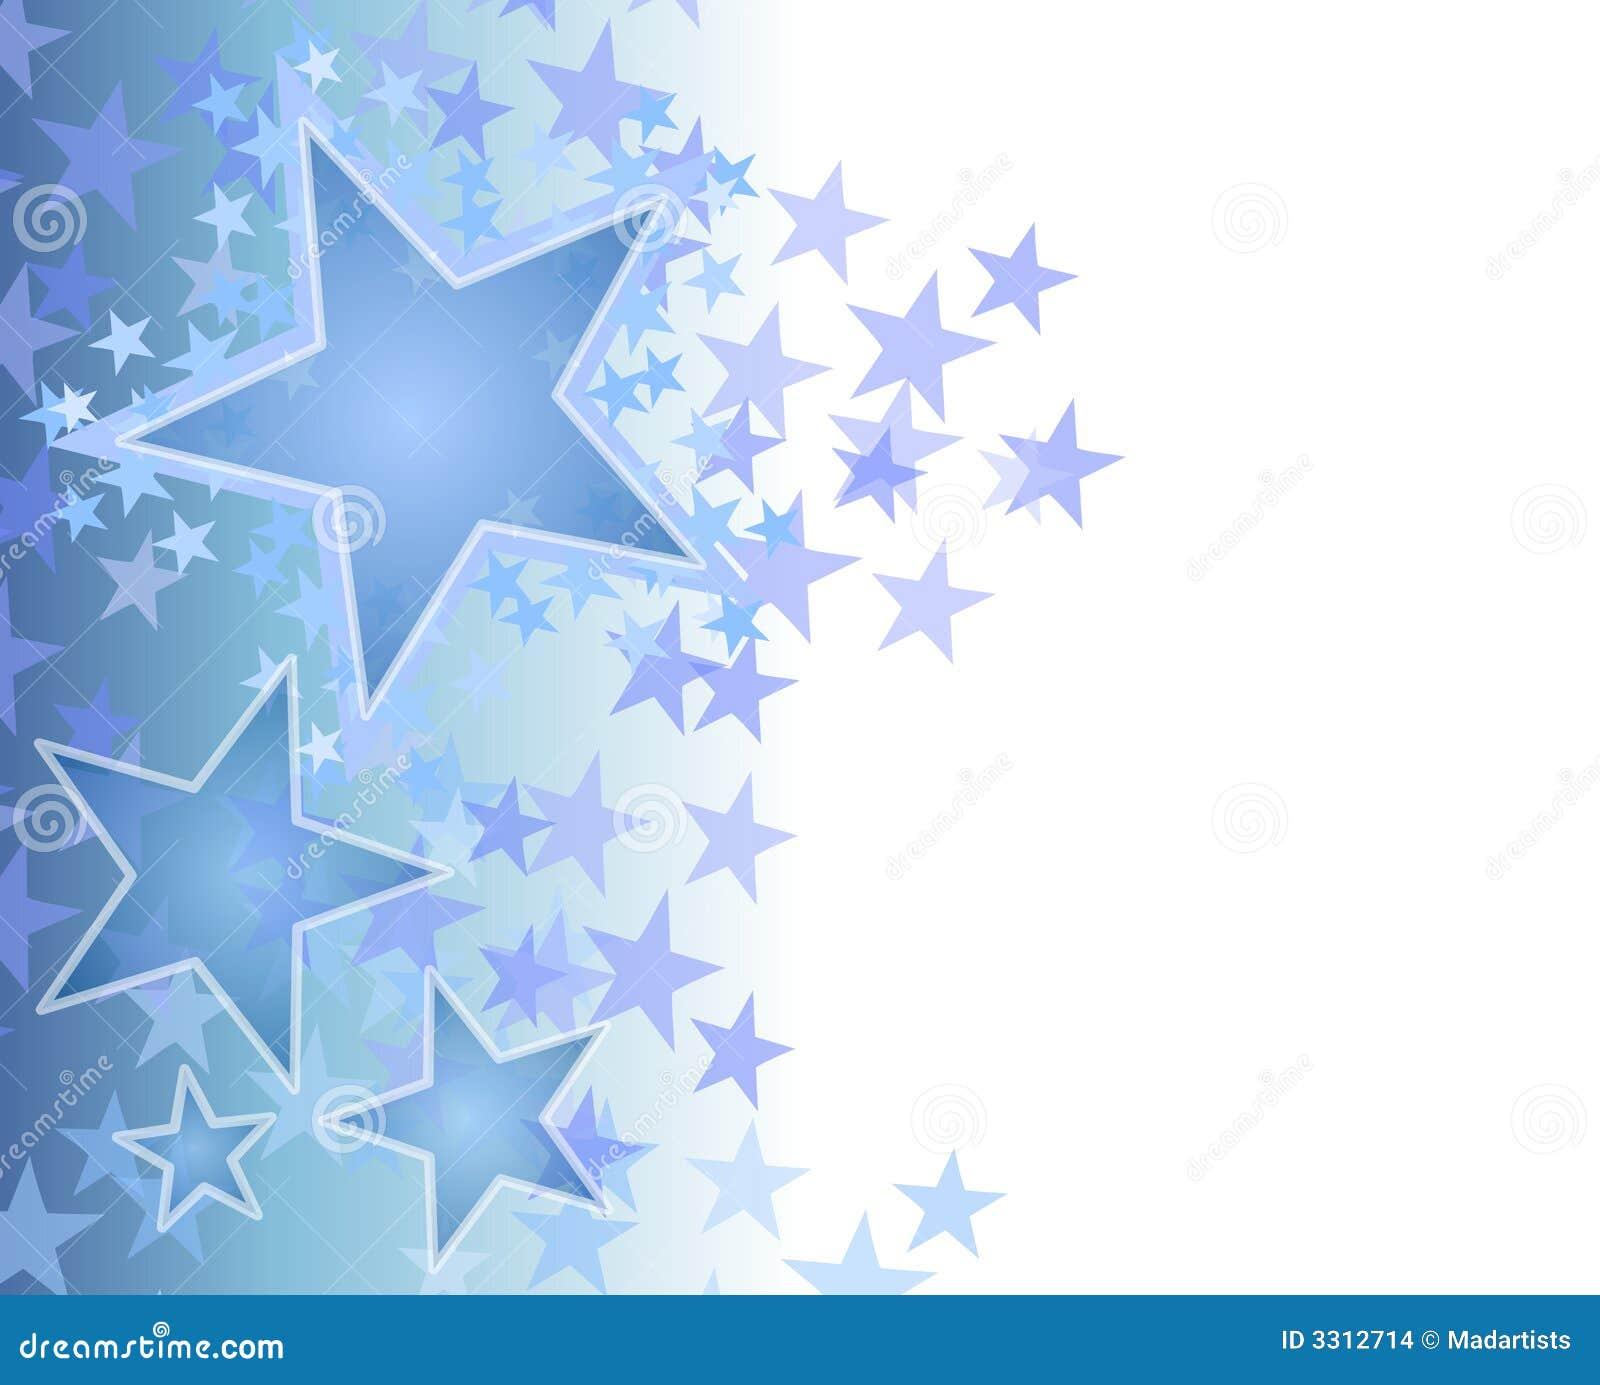 Blåa blekna stjärnor för bakgrund